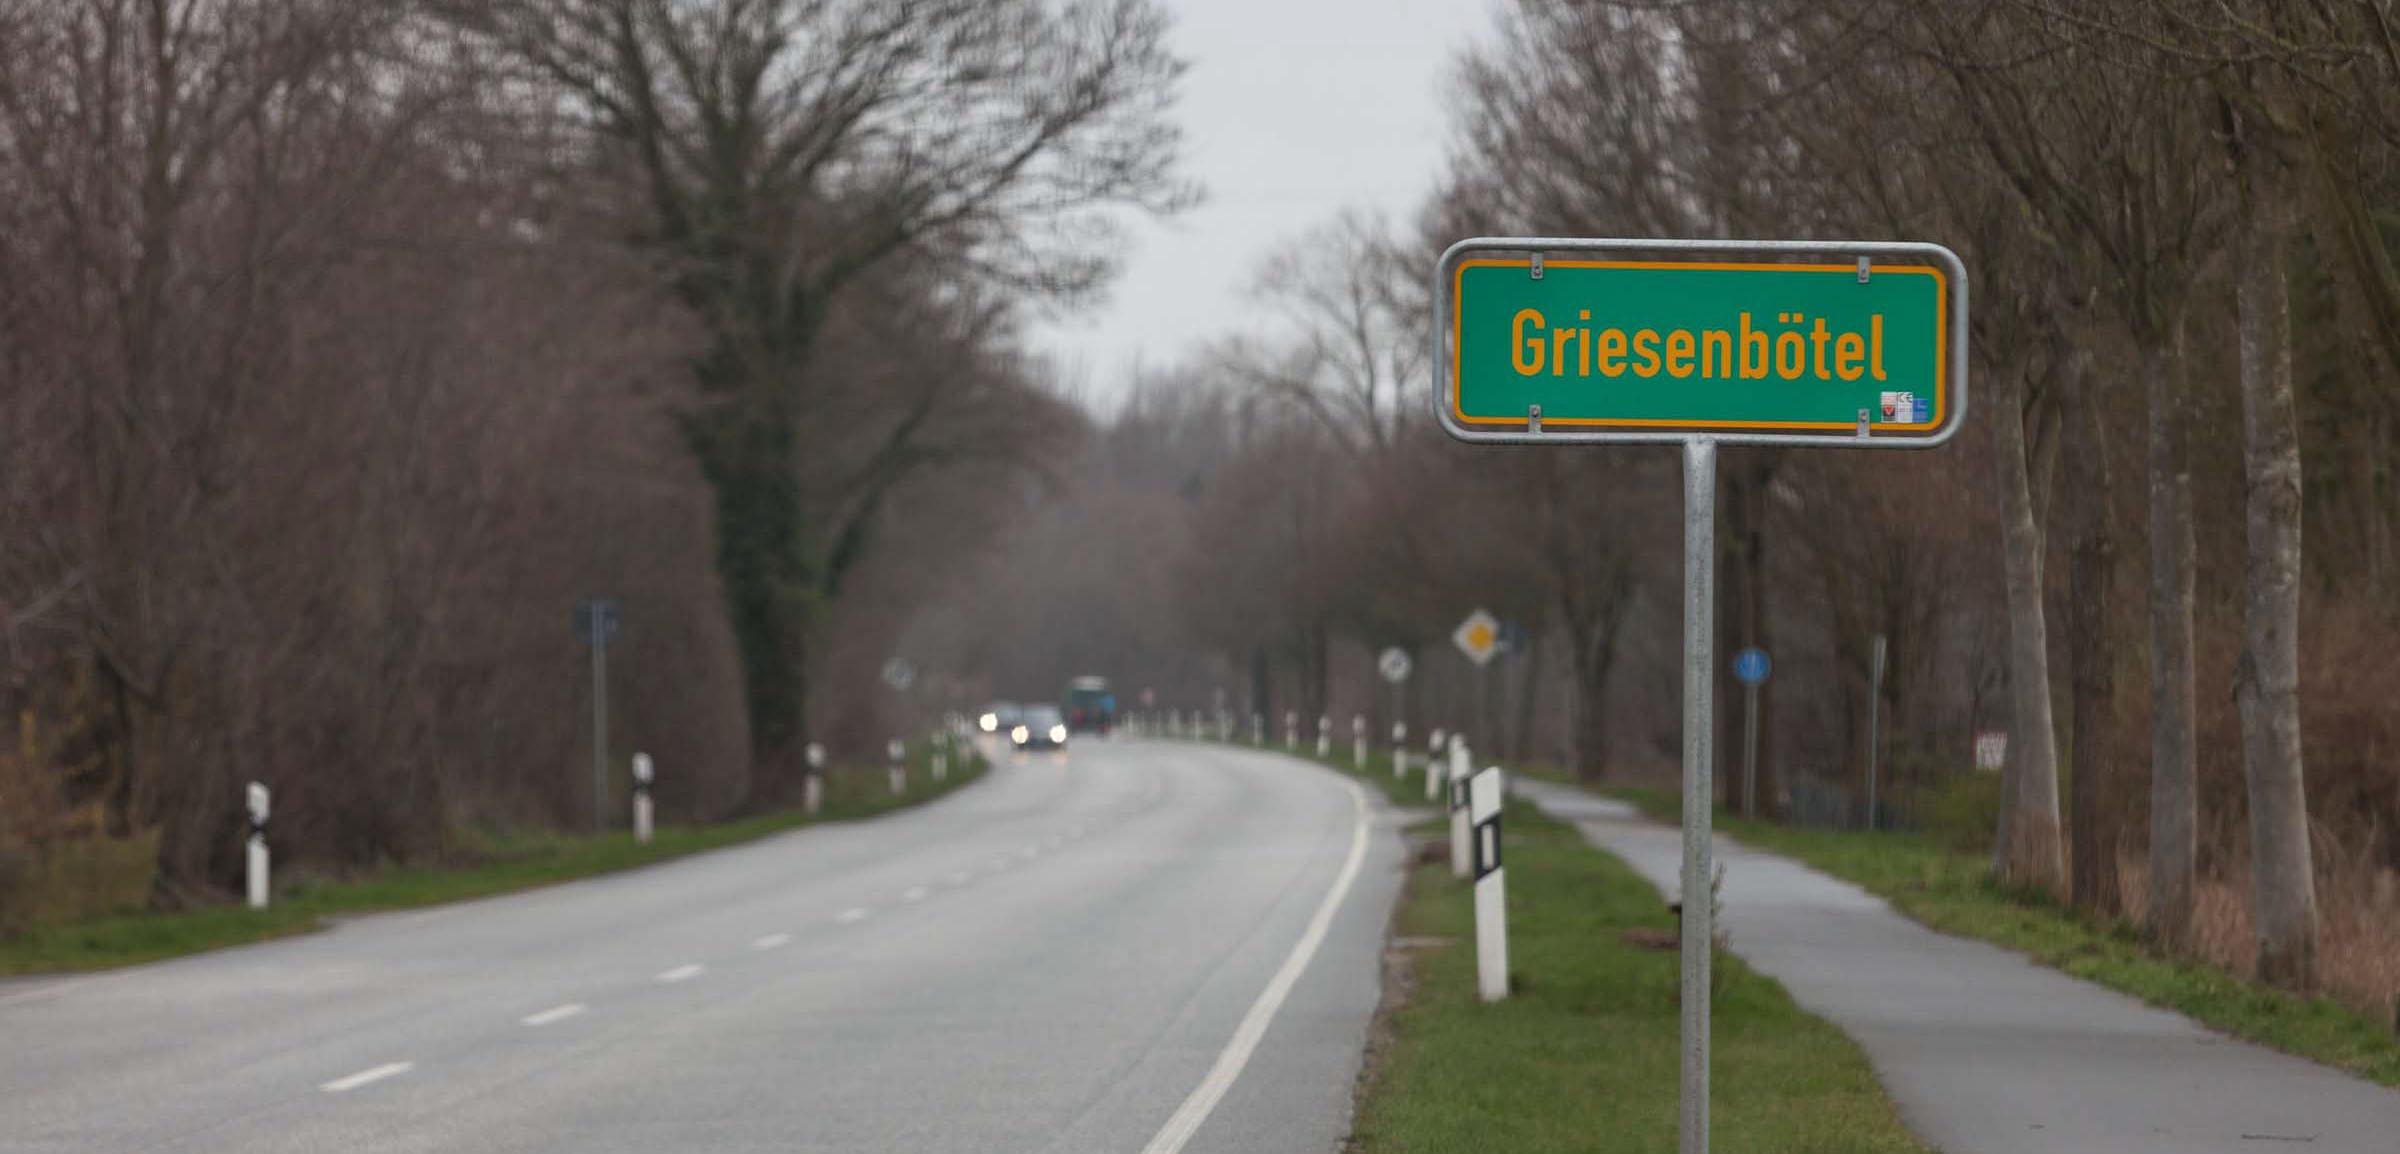 Grieseböteler Bürger bangen weiter. Auf Gönnebeker Gebiet schreitet die Windkraftplanung voran